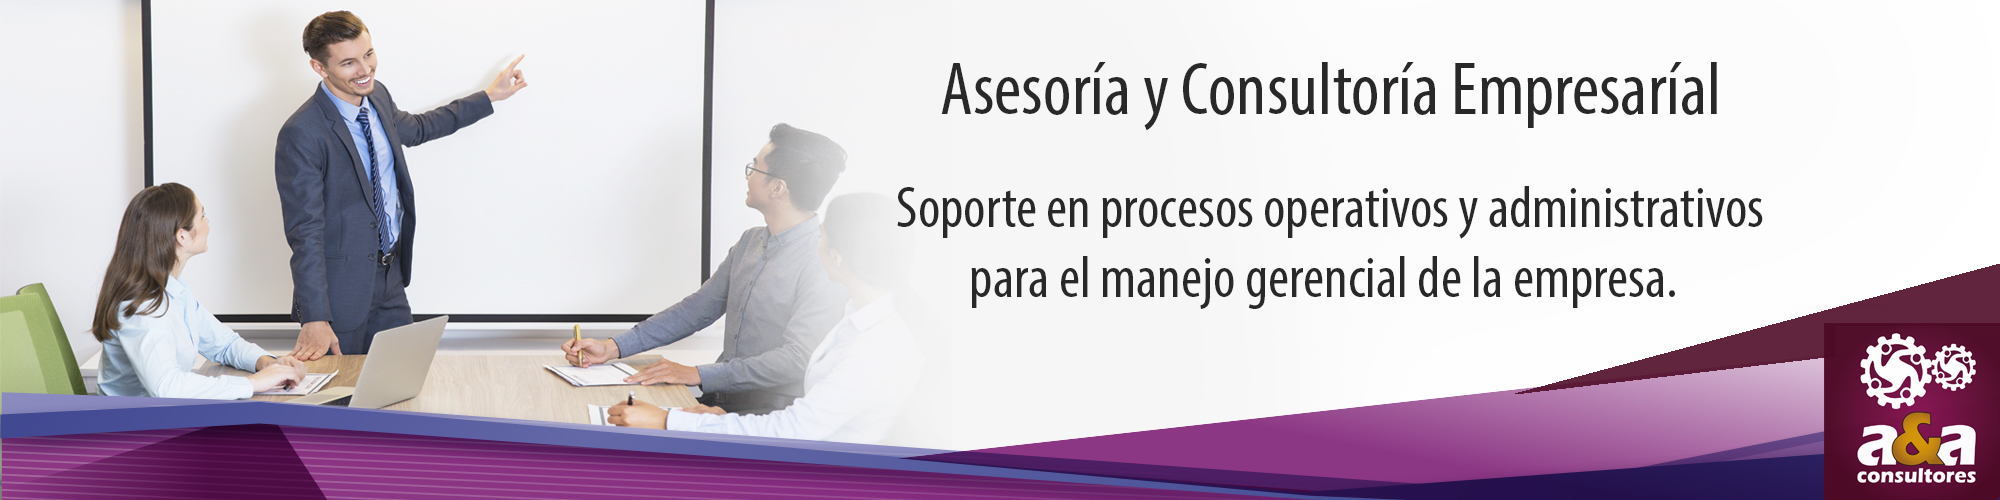 Consultora_Empresarial